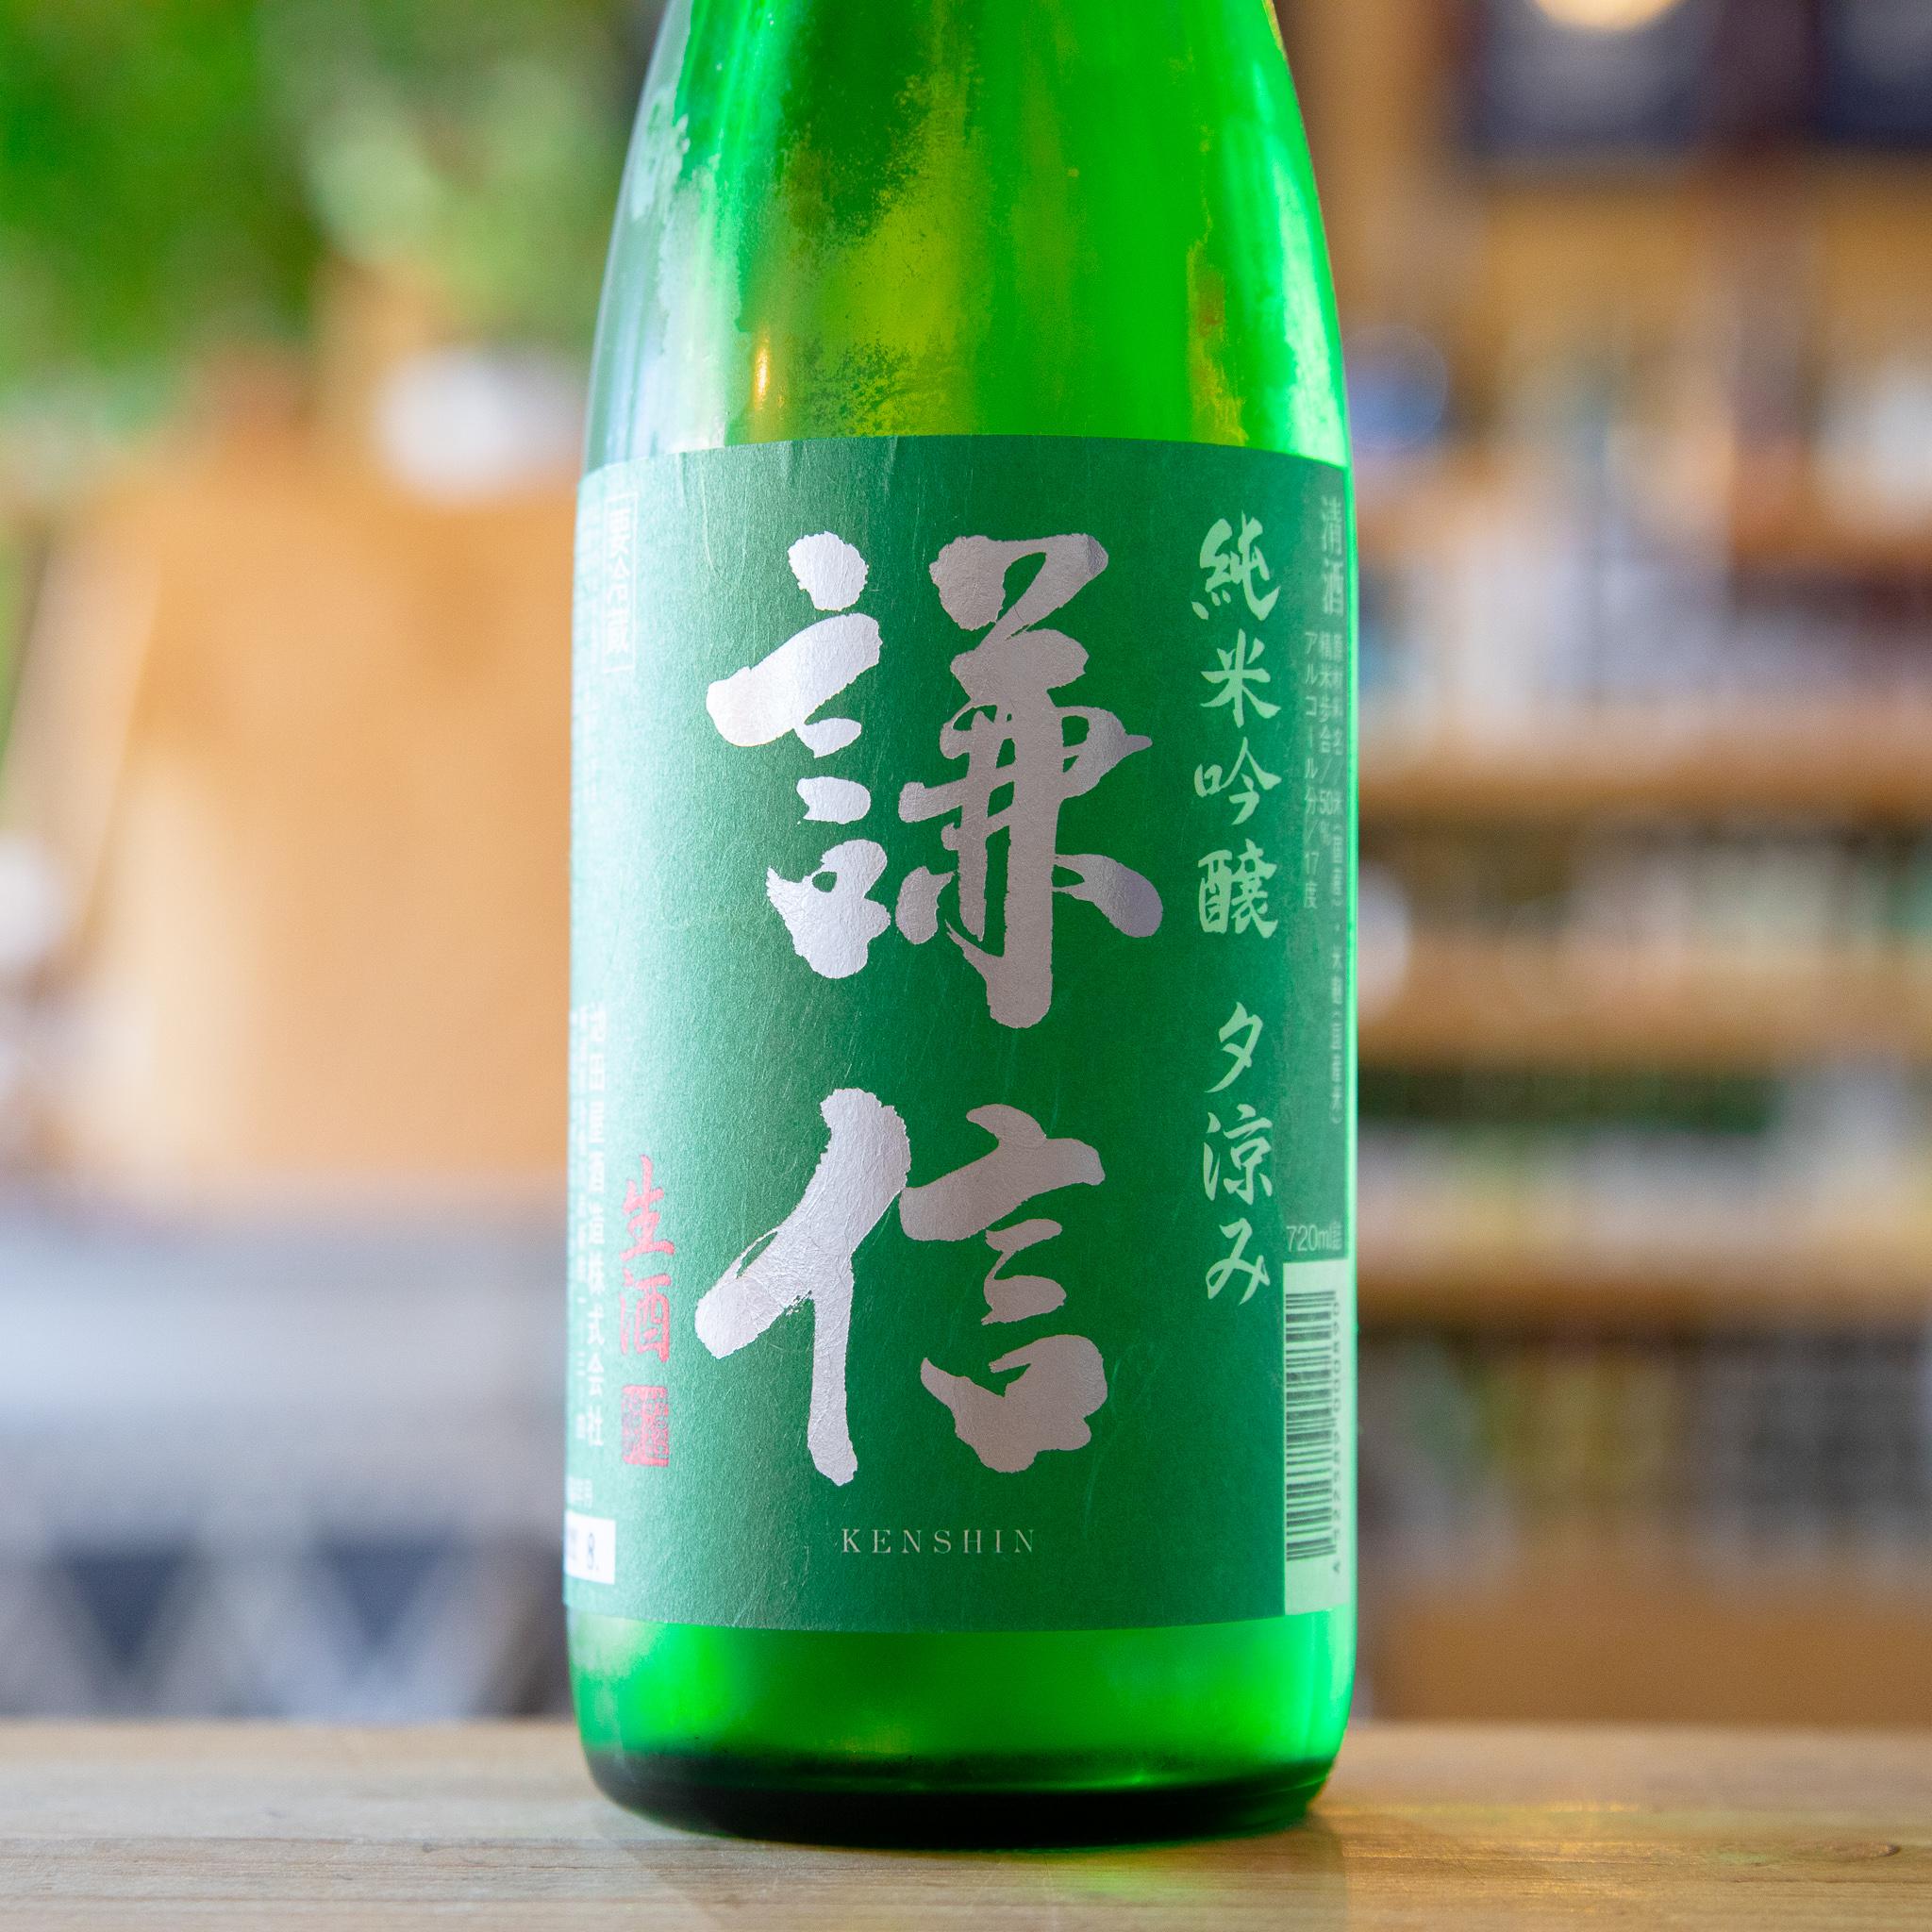 謙信/池田屋酒造(新潟県糸魚川市)